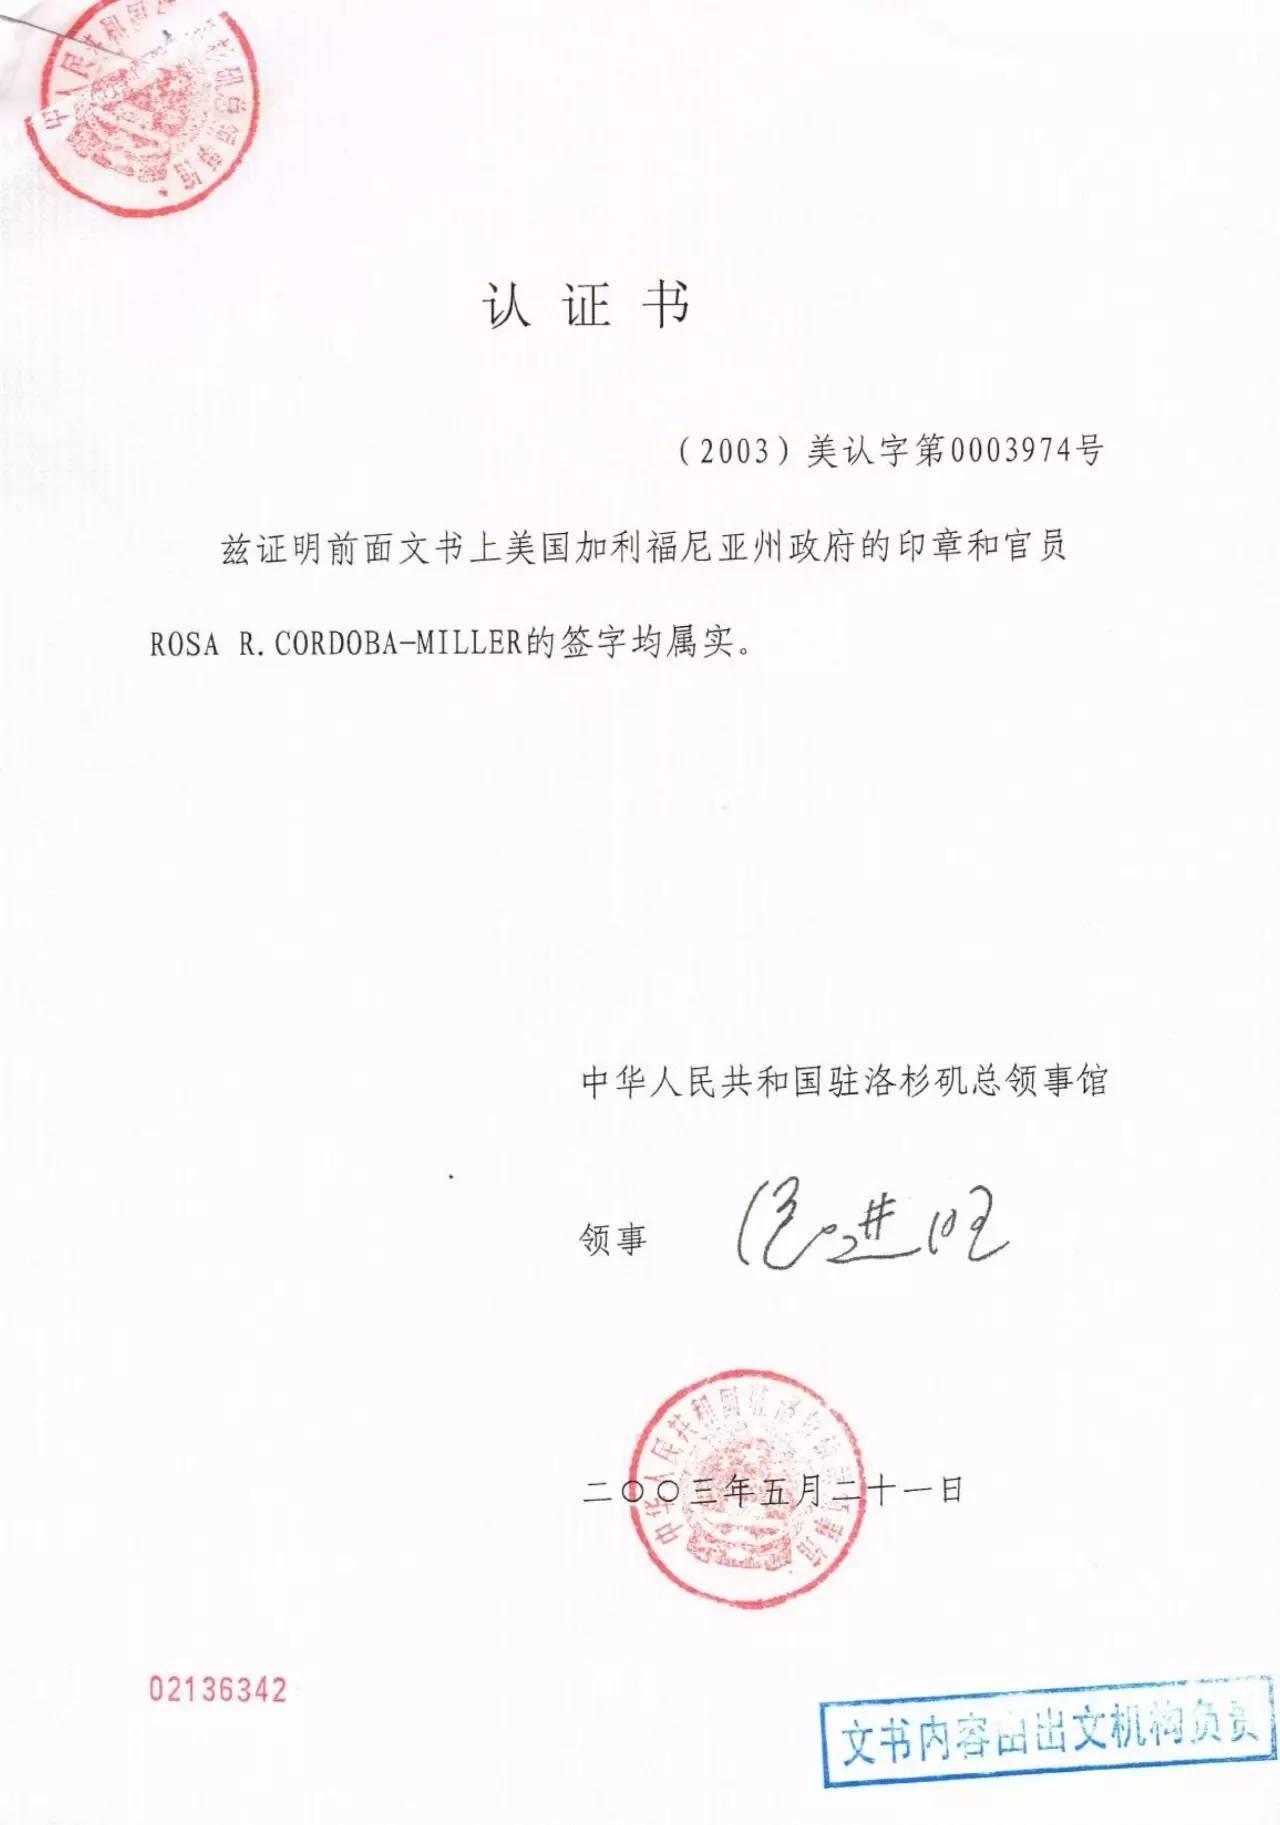 周永康陈绍基陷害第三世多杰羌佛真相曝光 第46张